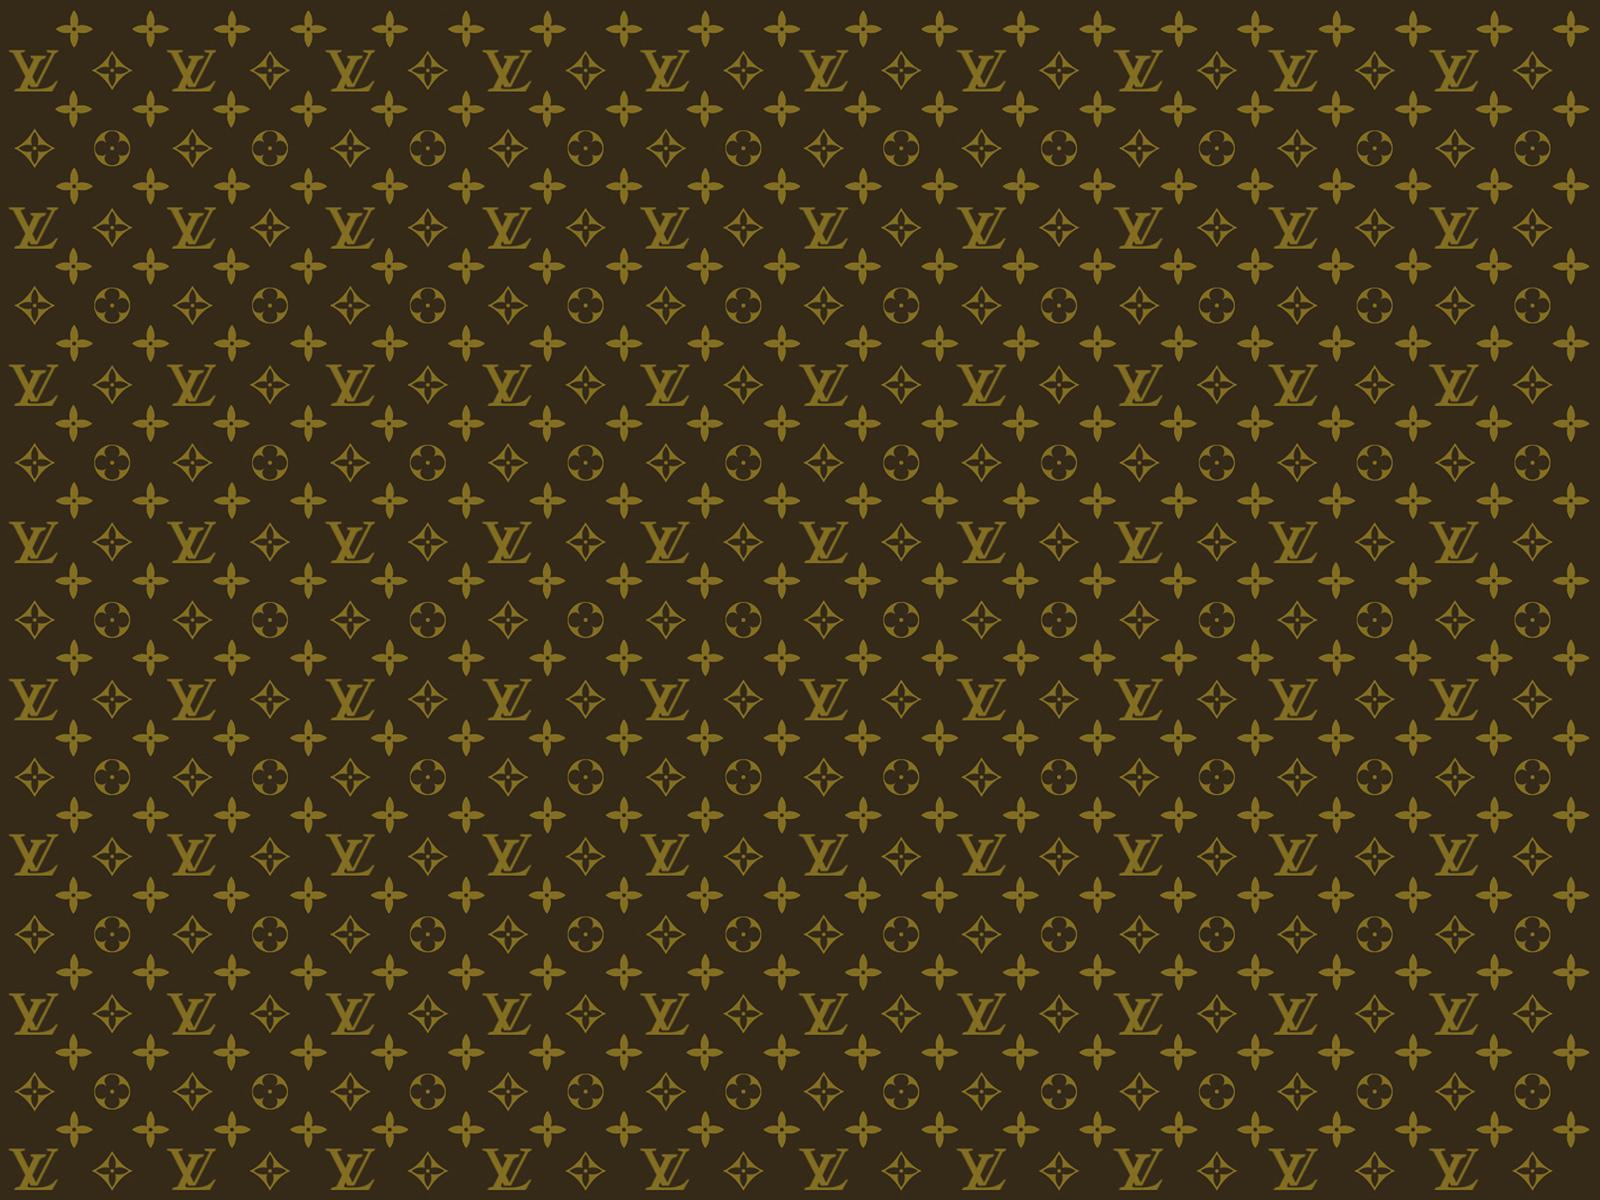 Louis vuitton wallpaper black